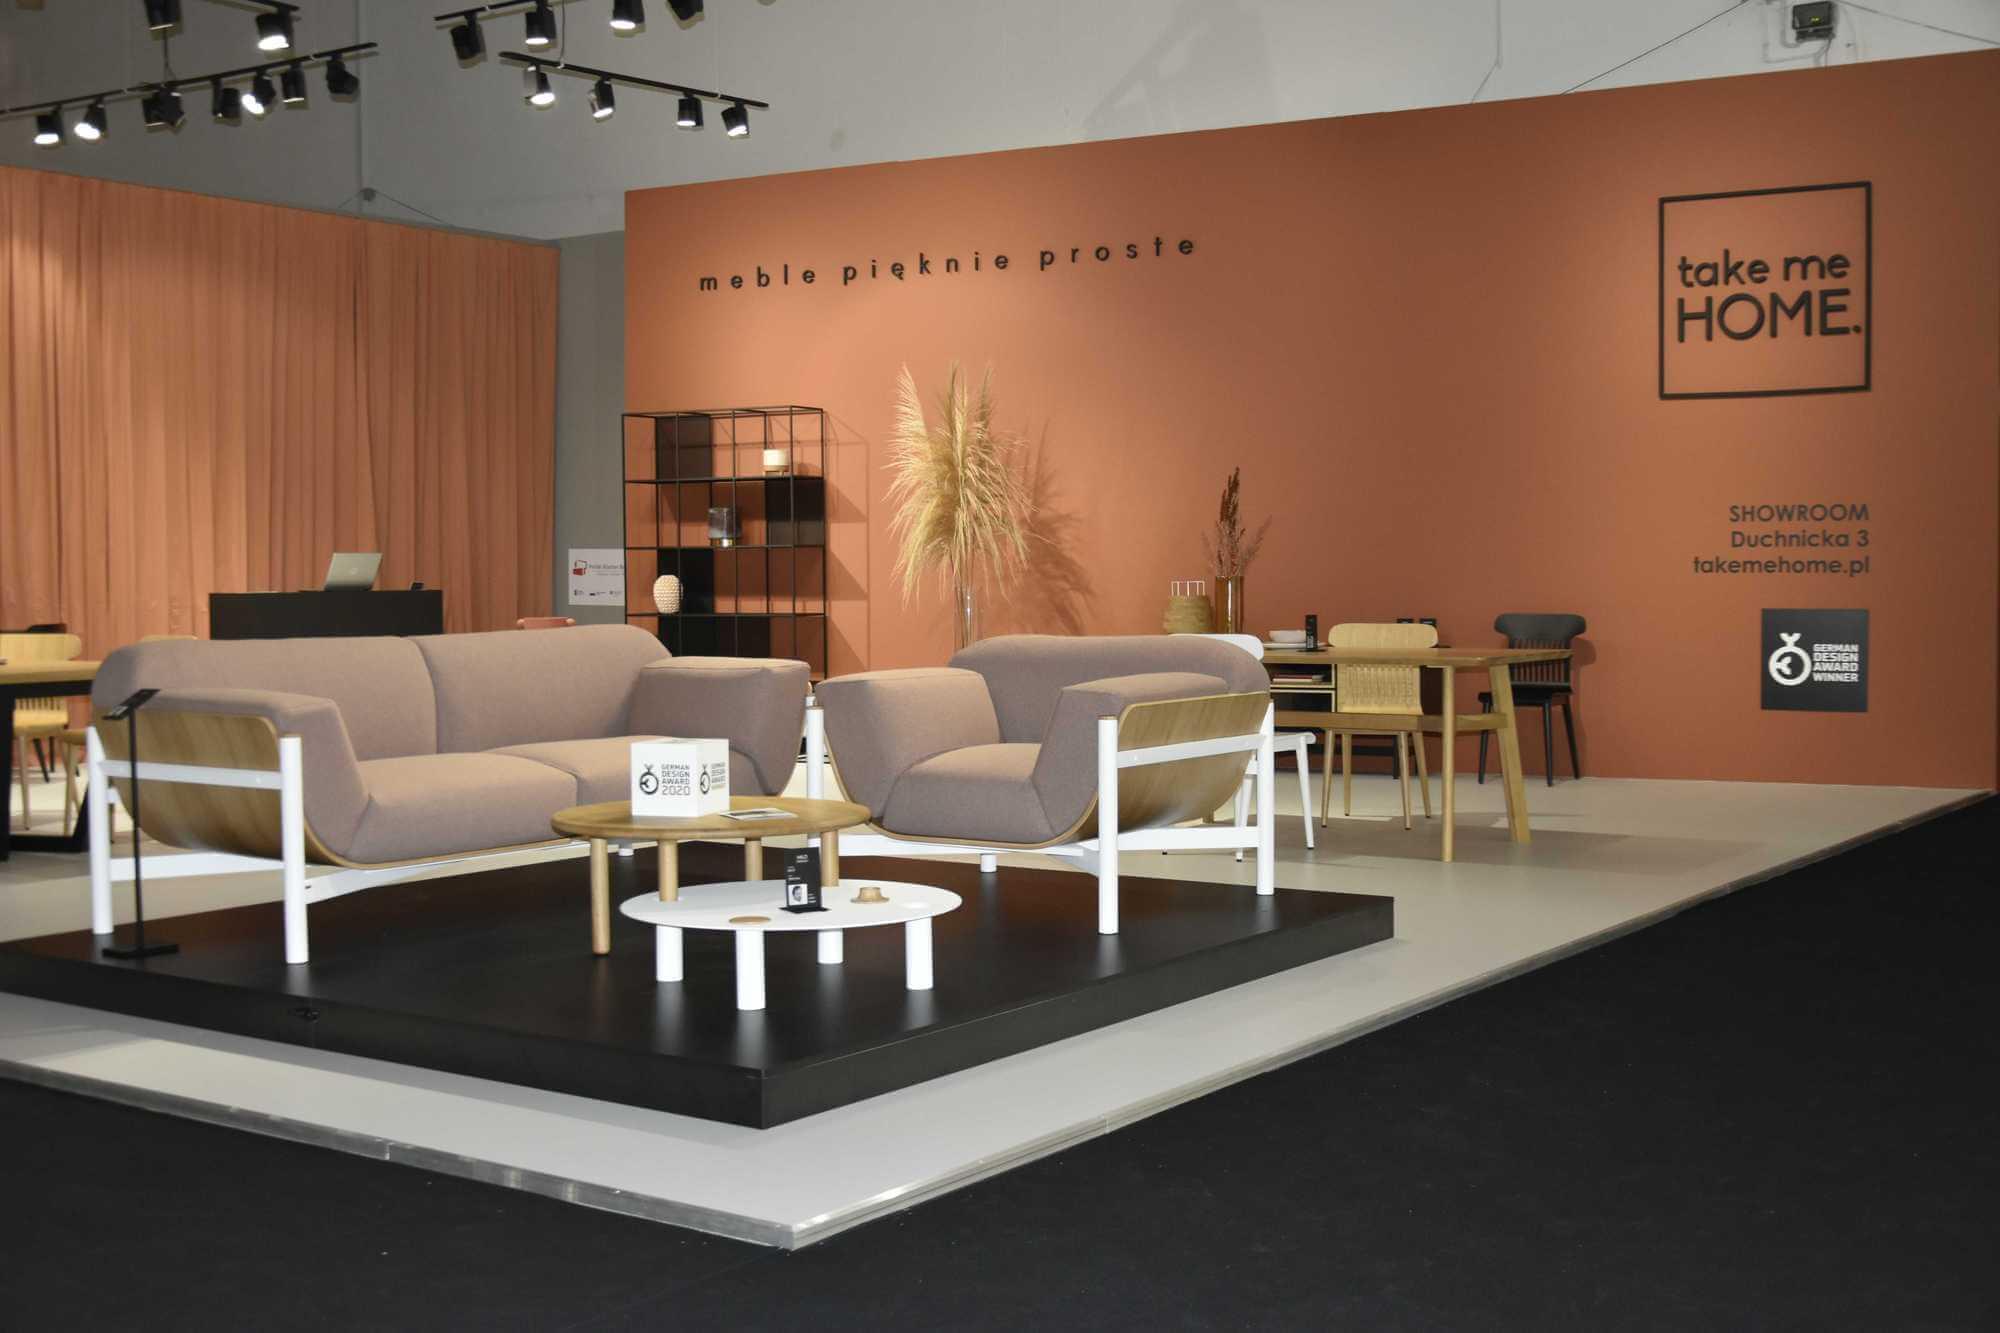 zestaw okrągłych stolików w stylu skandynawskim MILO